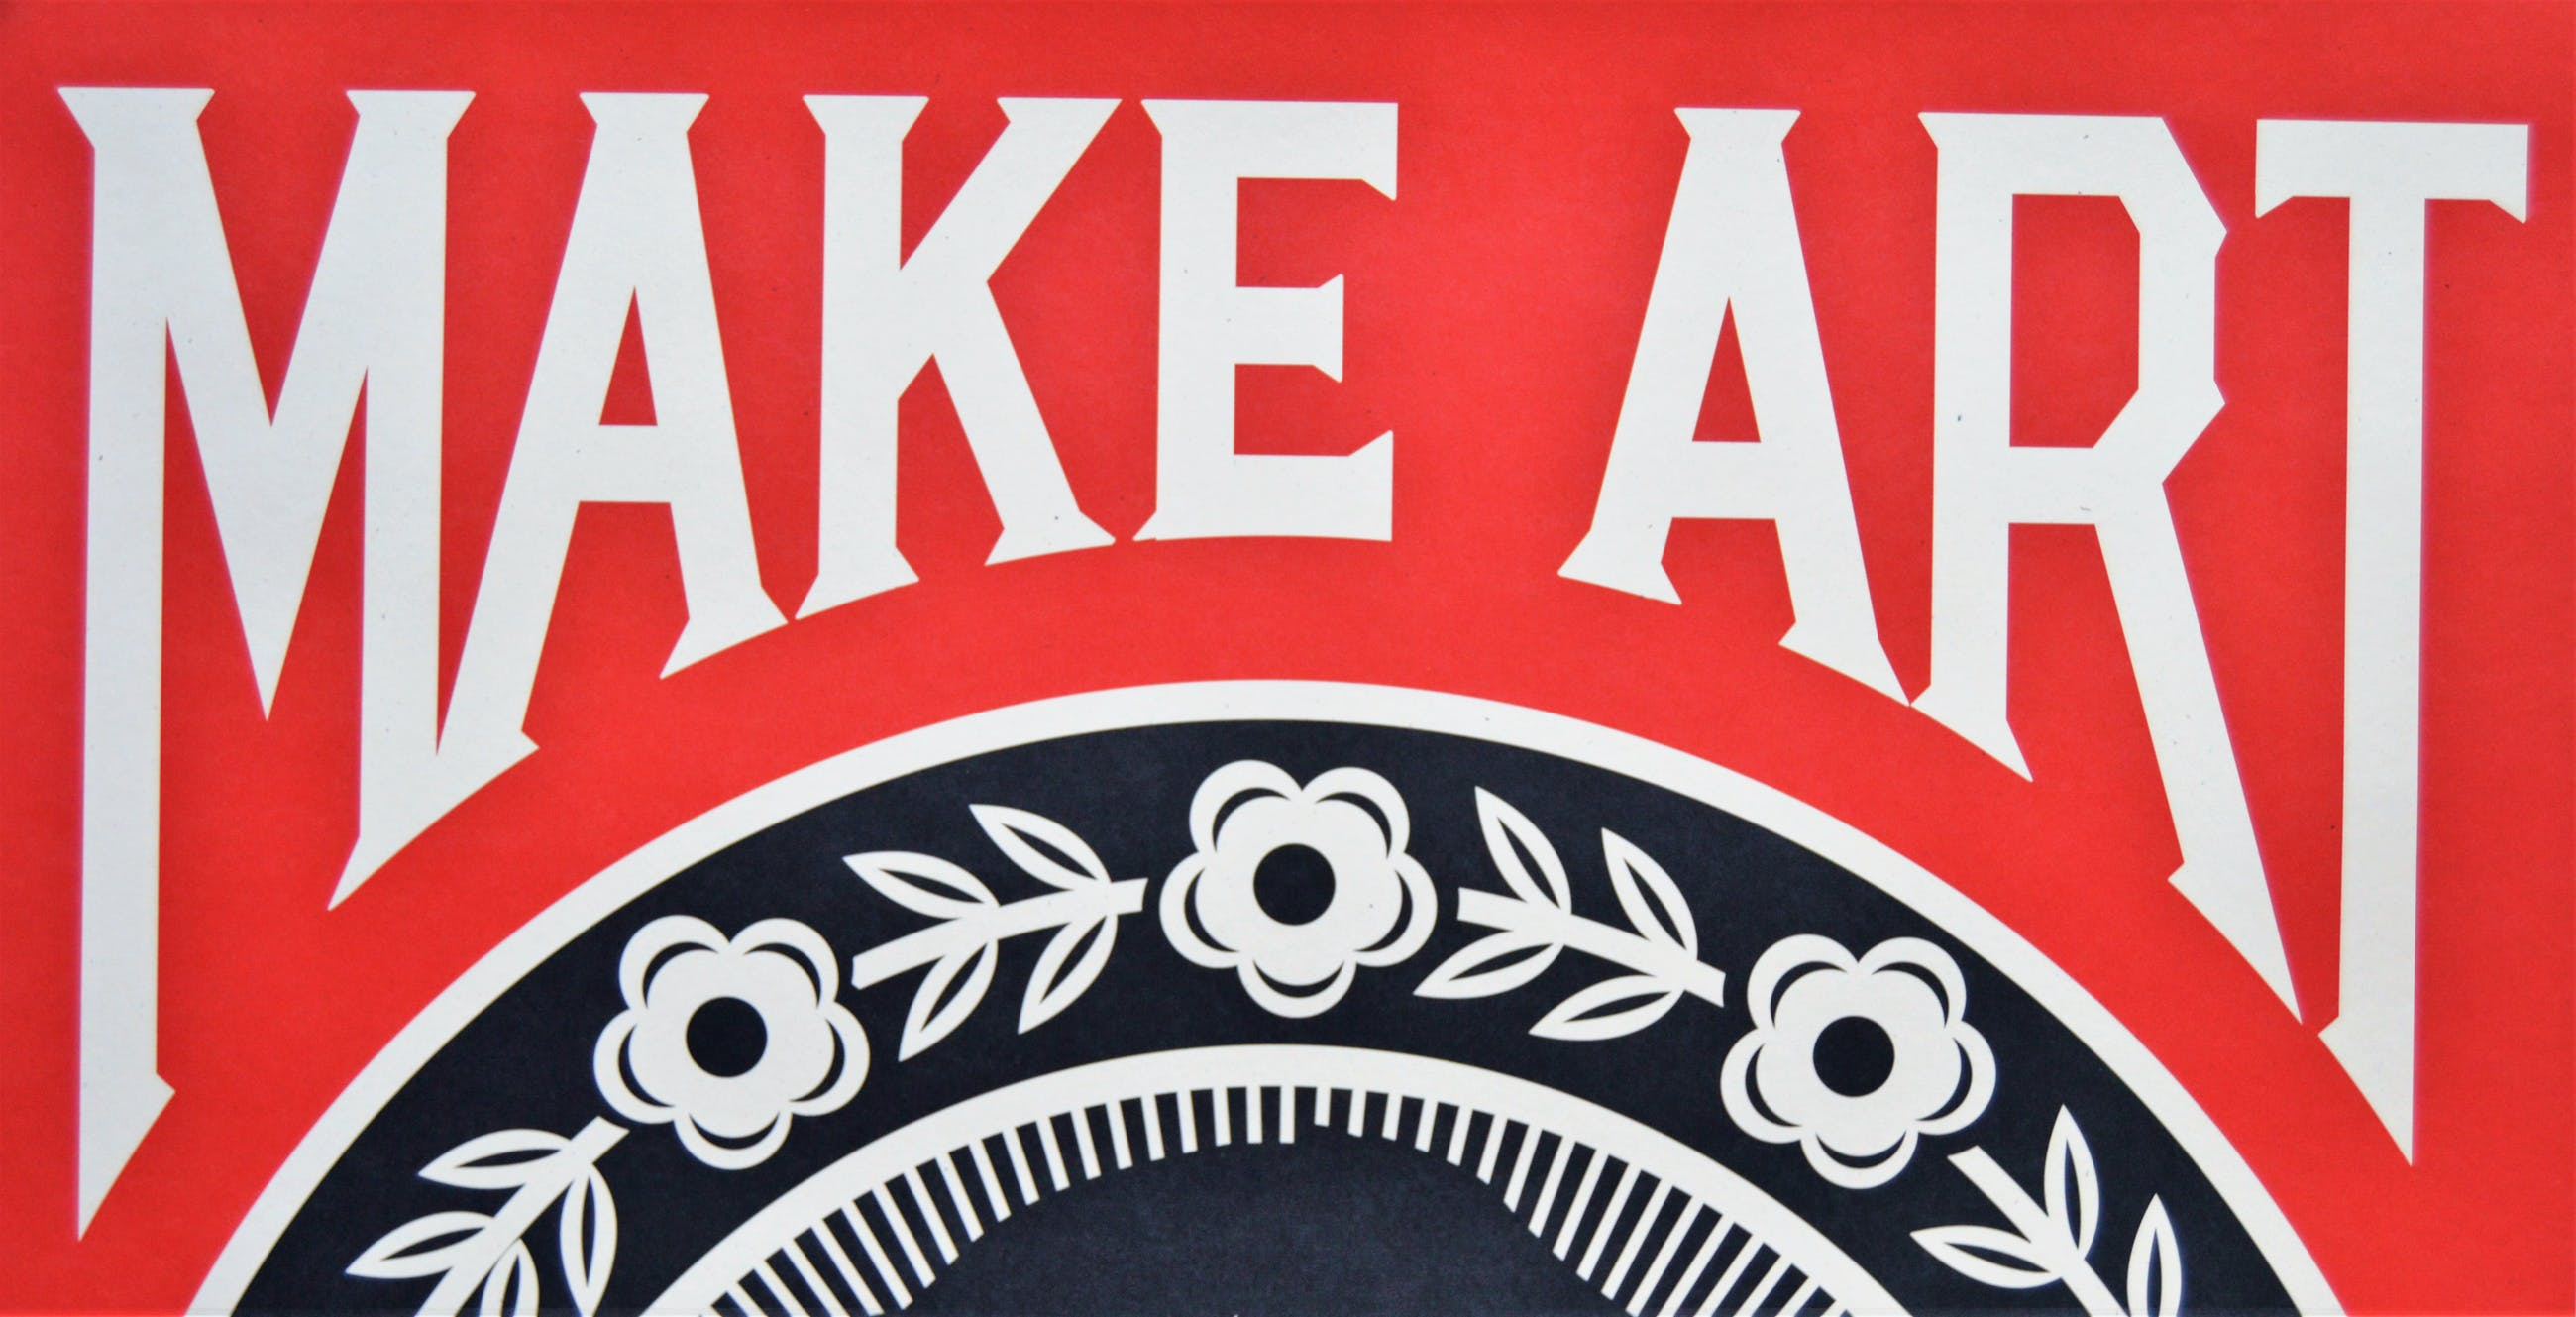 Shepard Fairey - MAKE ART NOT WAR - gesigneerd kopen? Bied vanaf 1!